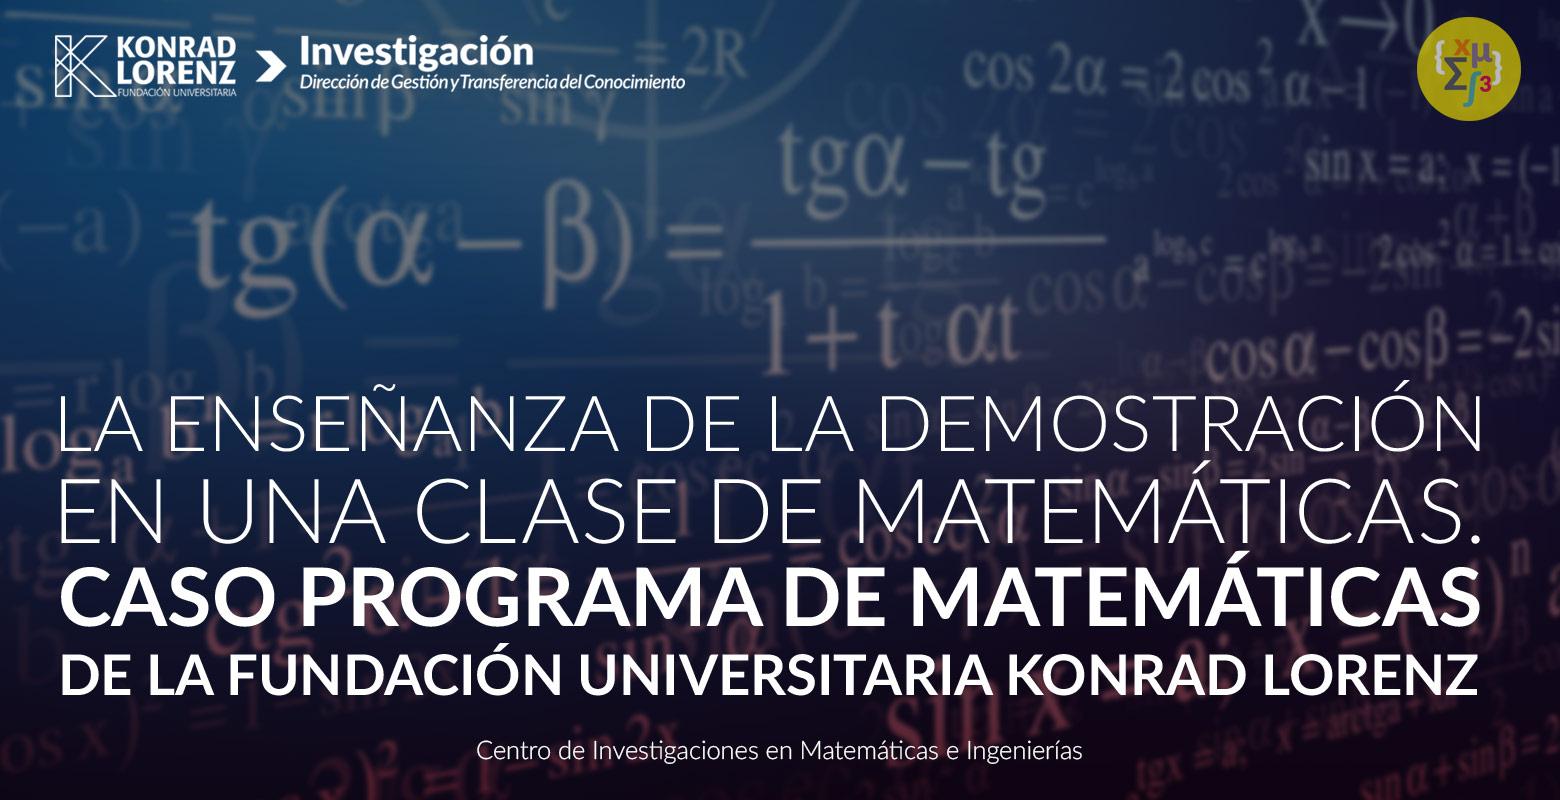 La enseñanza de la demostración en una clase de matemáticas: caso programa de matemáticas de la fundación universitaria Konrad Lorenz